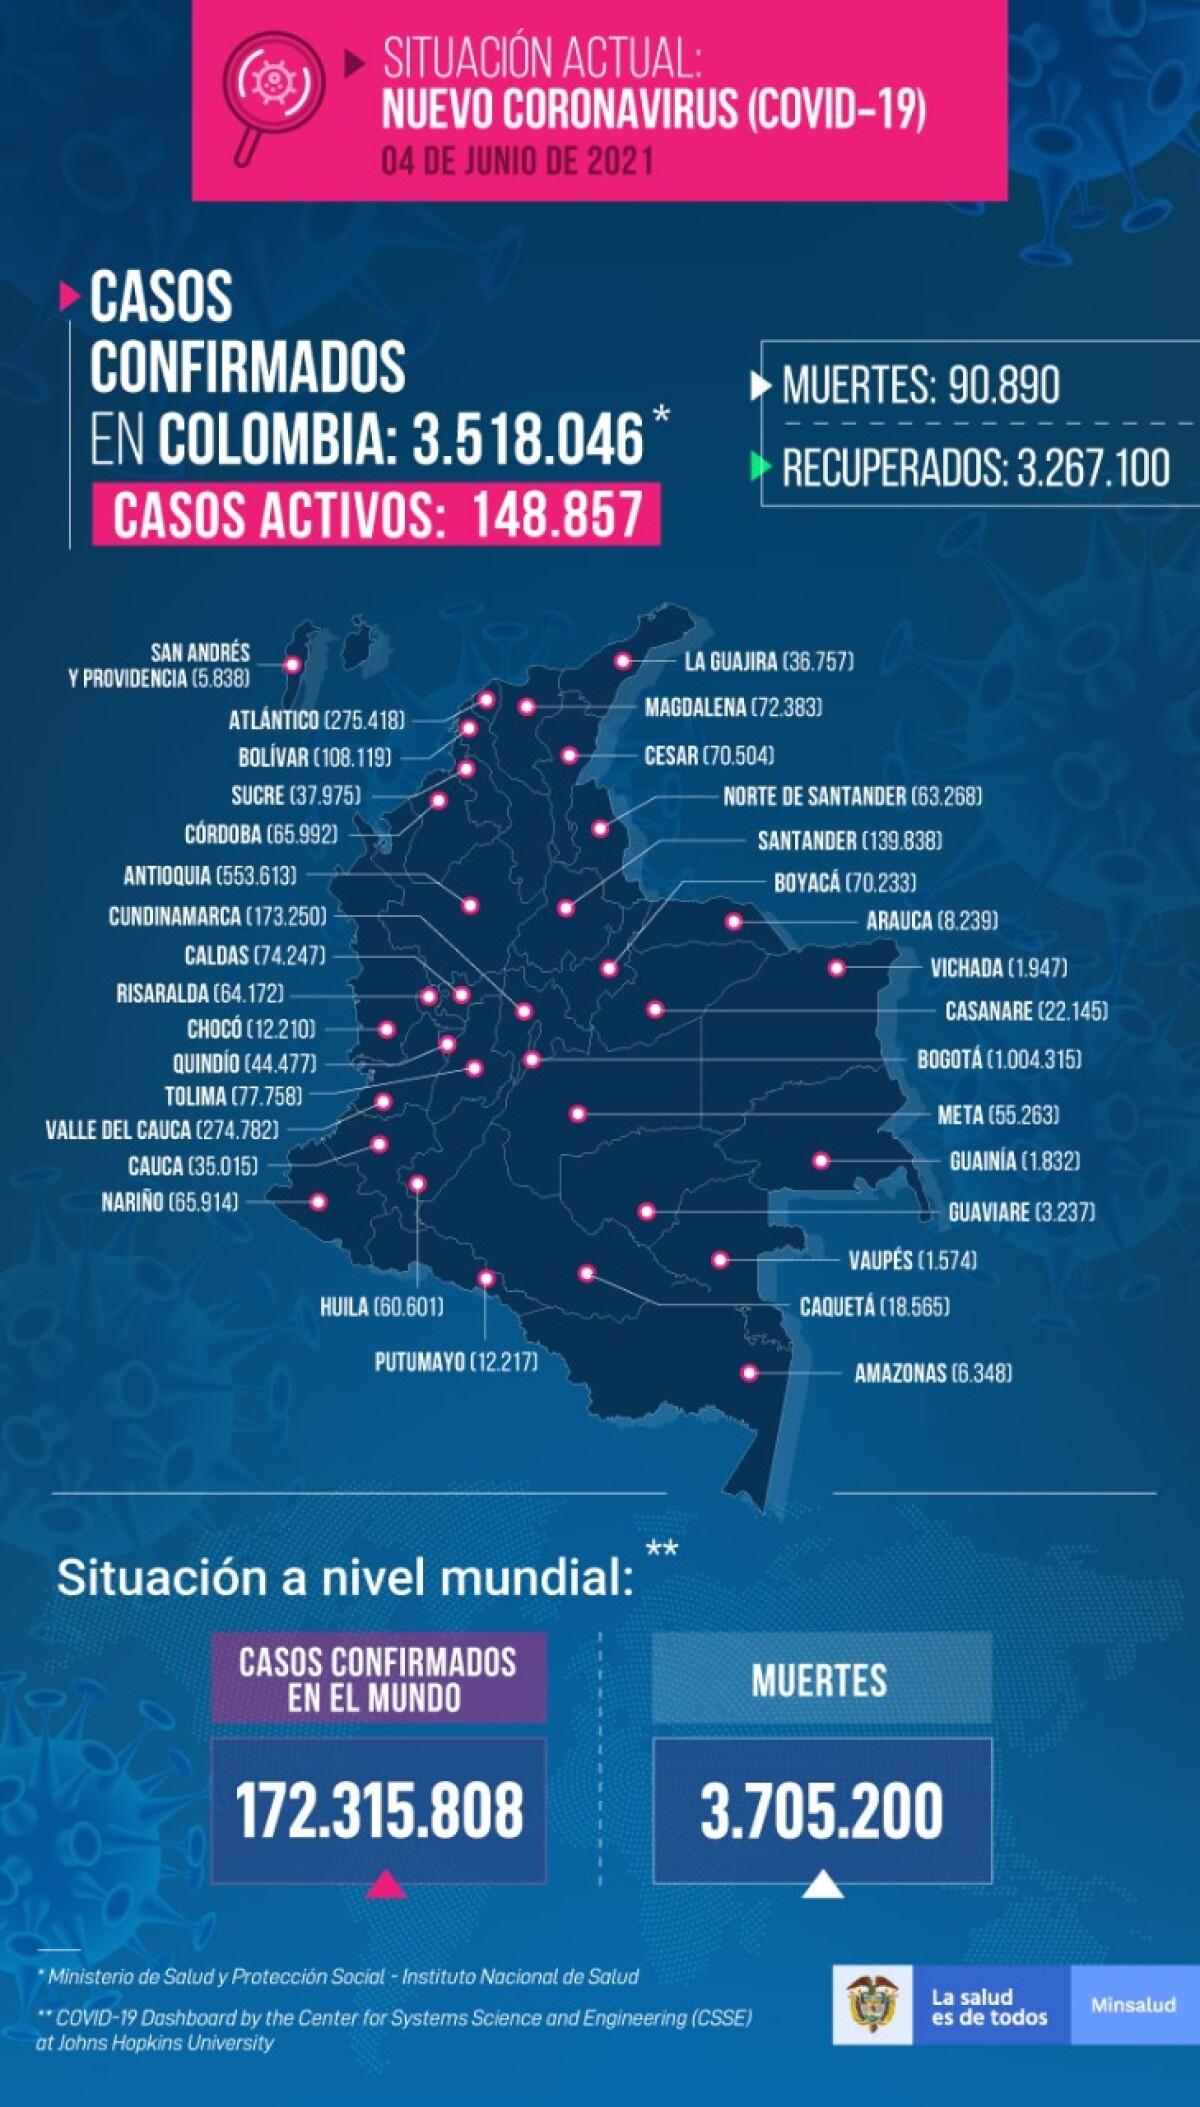 Casos de coronavirus en Colombia 4 de junio de 2021.jpeg